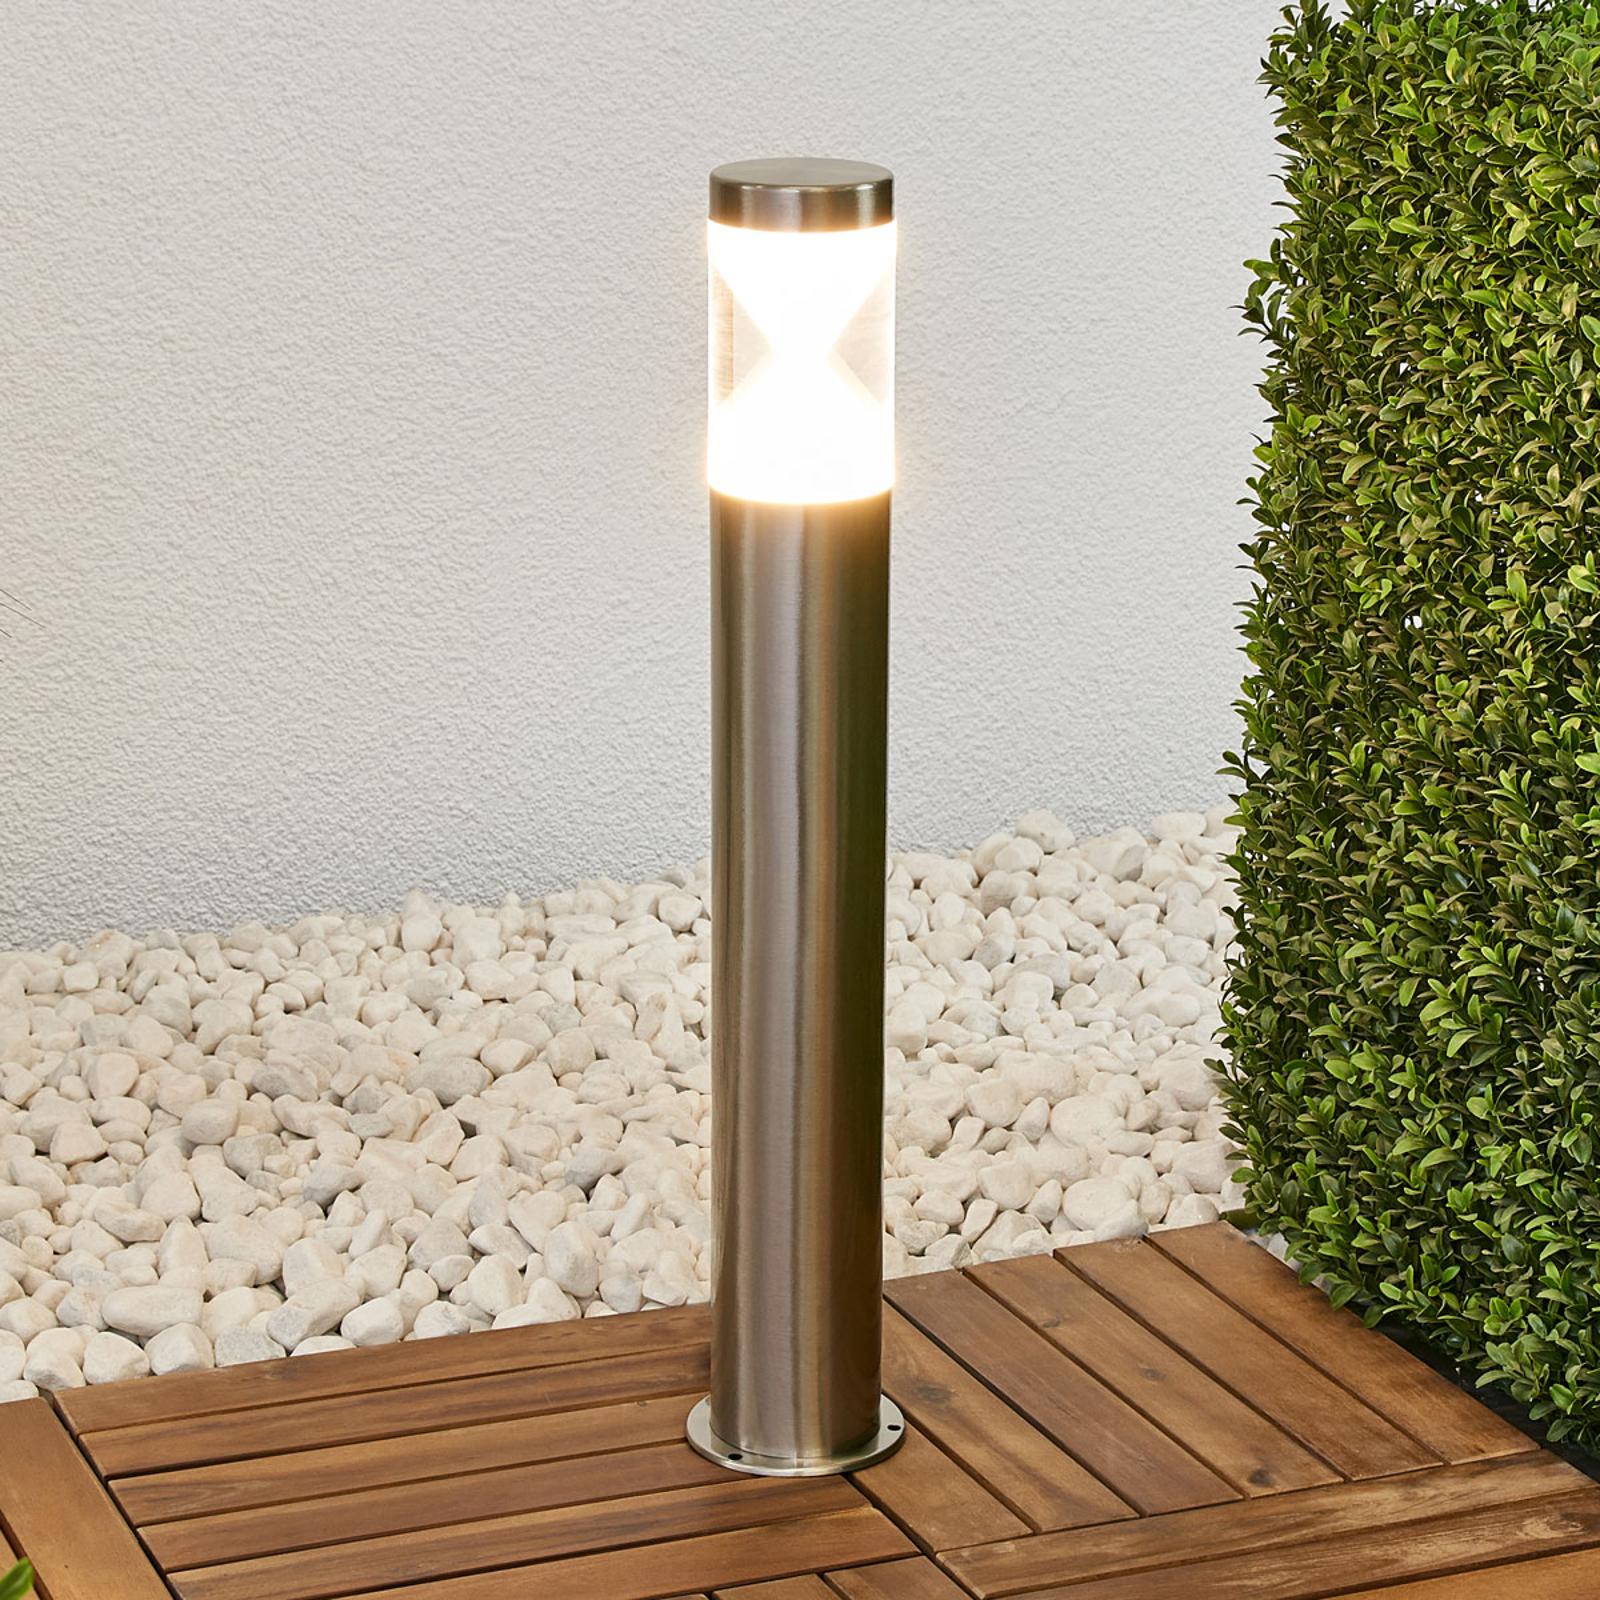 Fabrizio - LED-veilampe av rustfritt stål